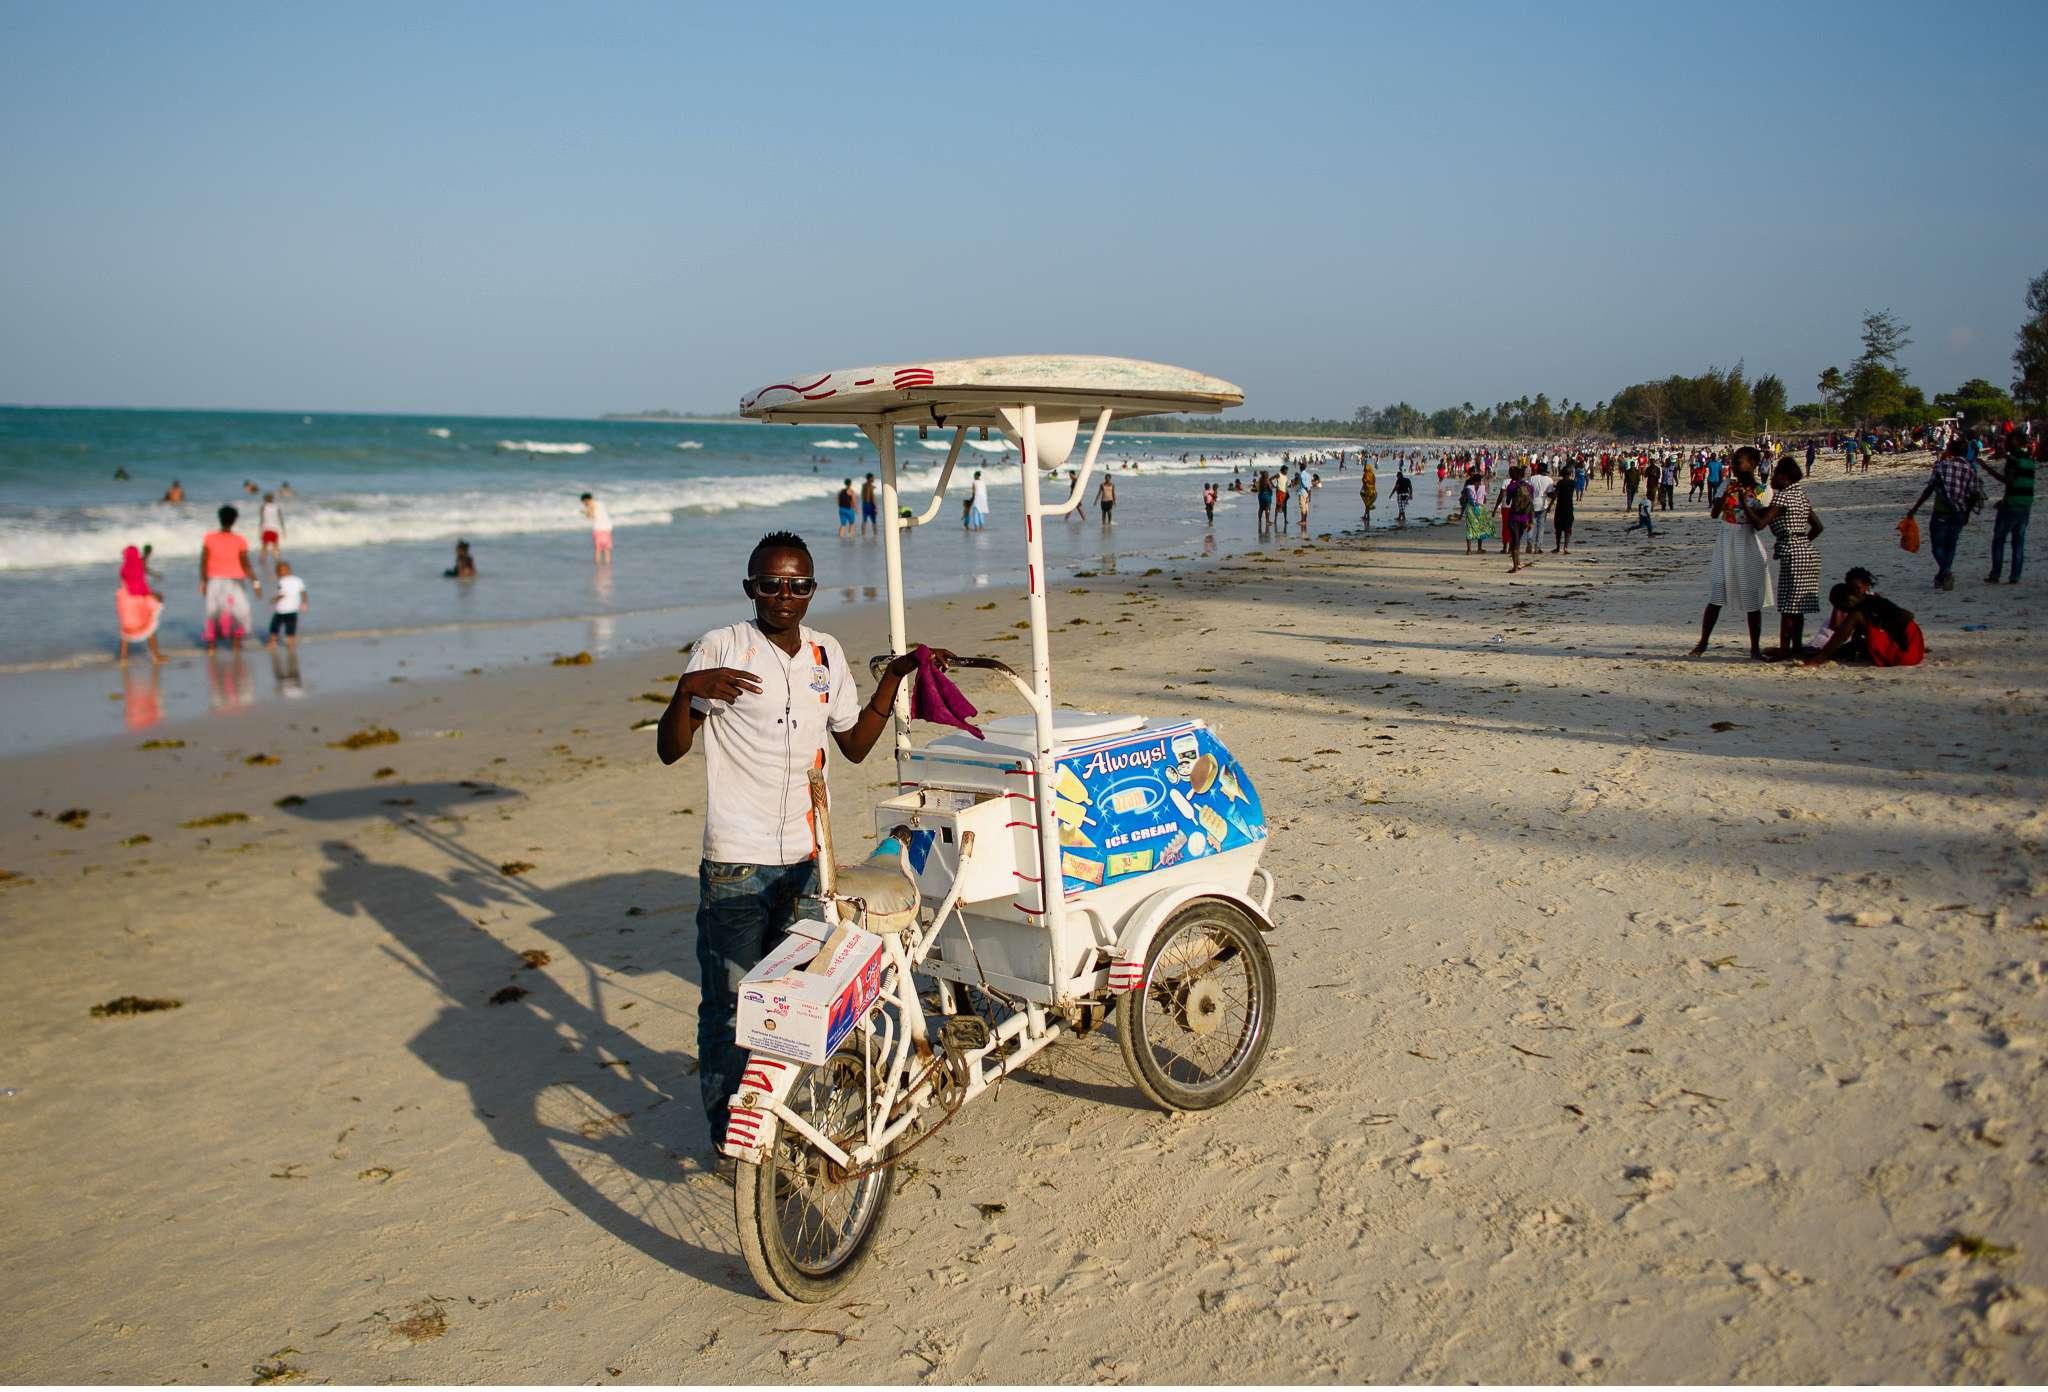 Malawi-Quer durch Afrika- Geschichten von unterwegs by Marion and Daniel-130